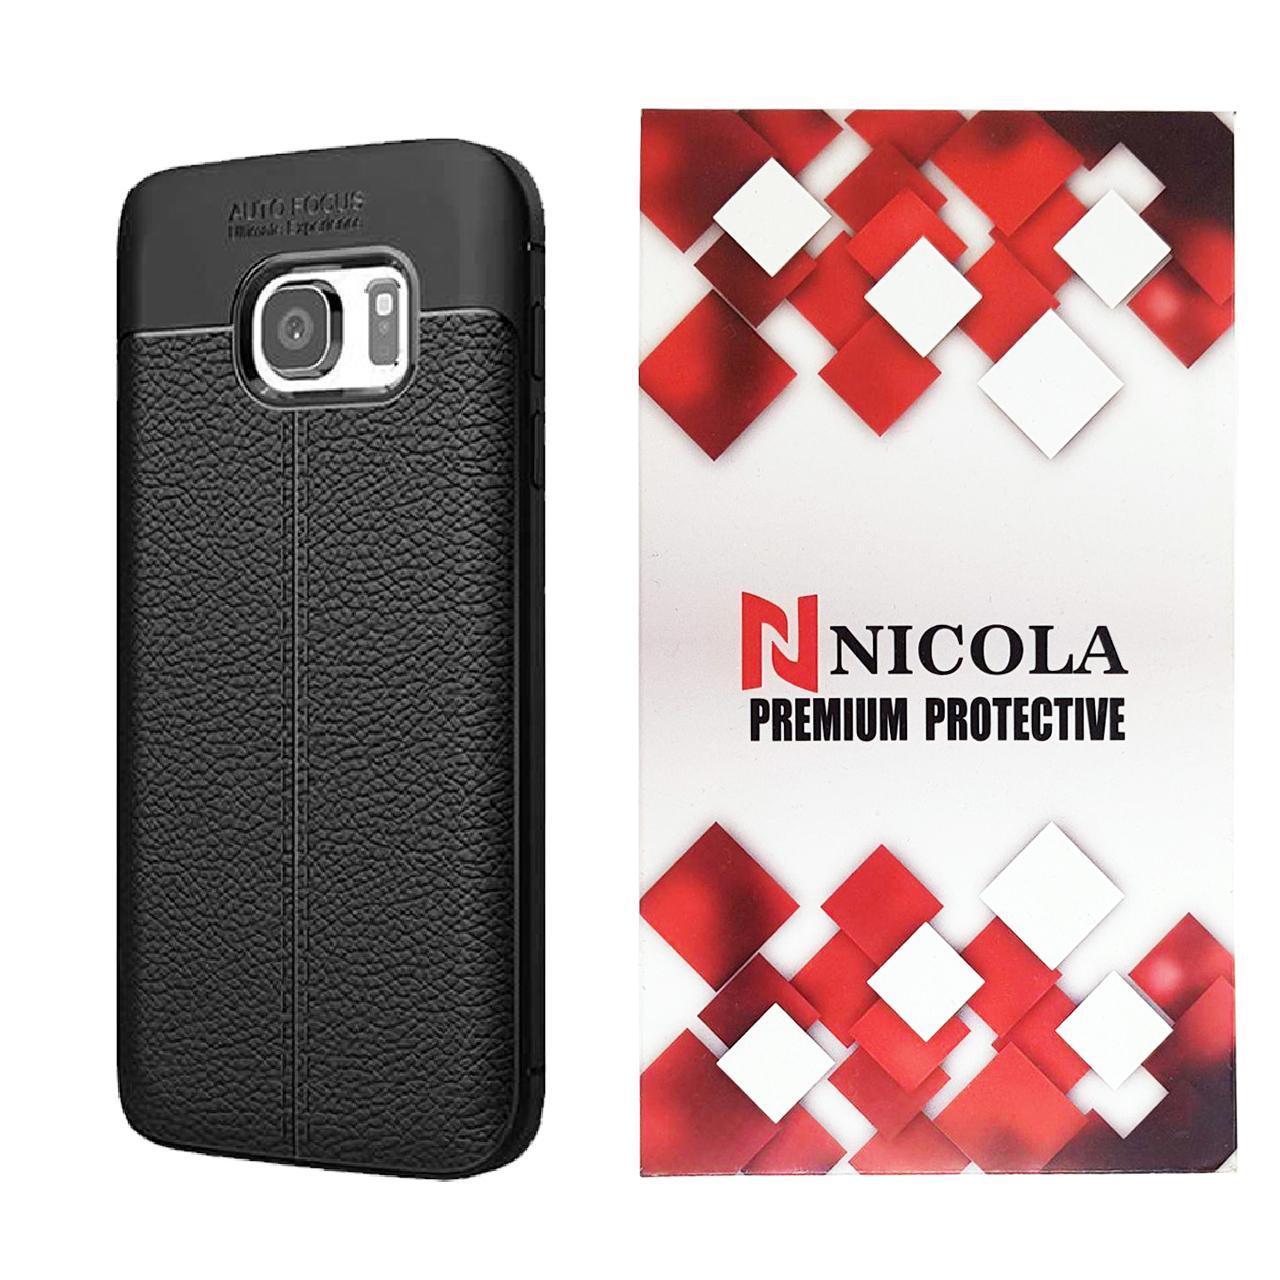 کاور نیکلا مدل N_ATO مناسب برای گوشی موبایل سامسونگ Galaxy S6 Edge Plus